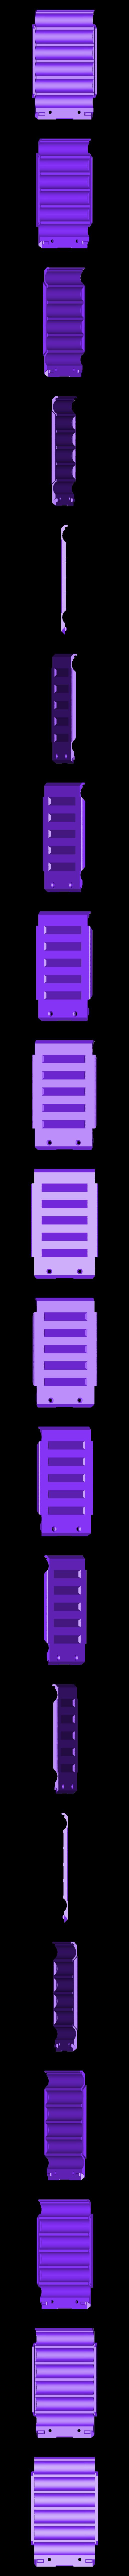 18650_6P_lid_V2.stl Télécharger fichier STL gratuit NESE, le module V2 sans soudure 18650 (FERMÉ) • Objet pour imprimante 3D, 18650